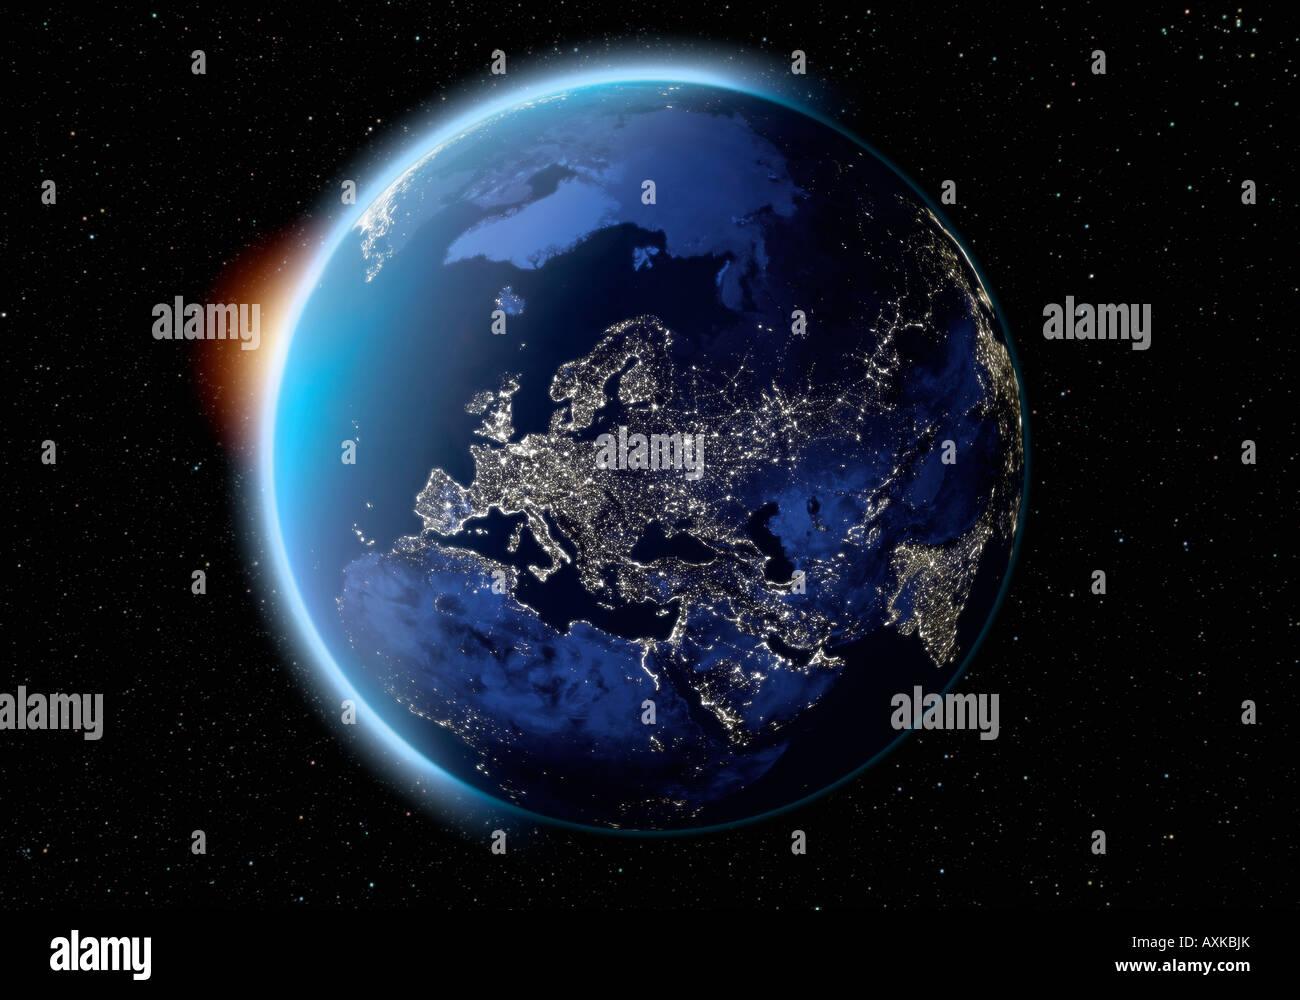 Europe satellite continent immagini europe satellite - Immagine di terra a colori ...